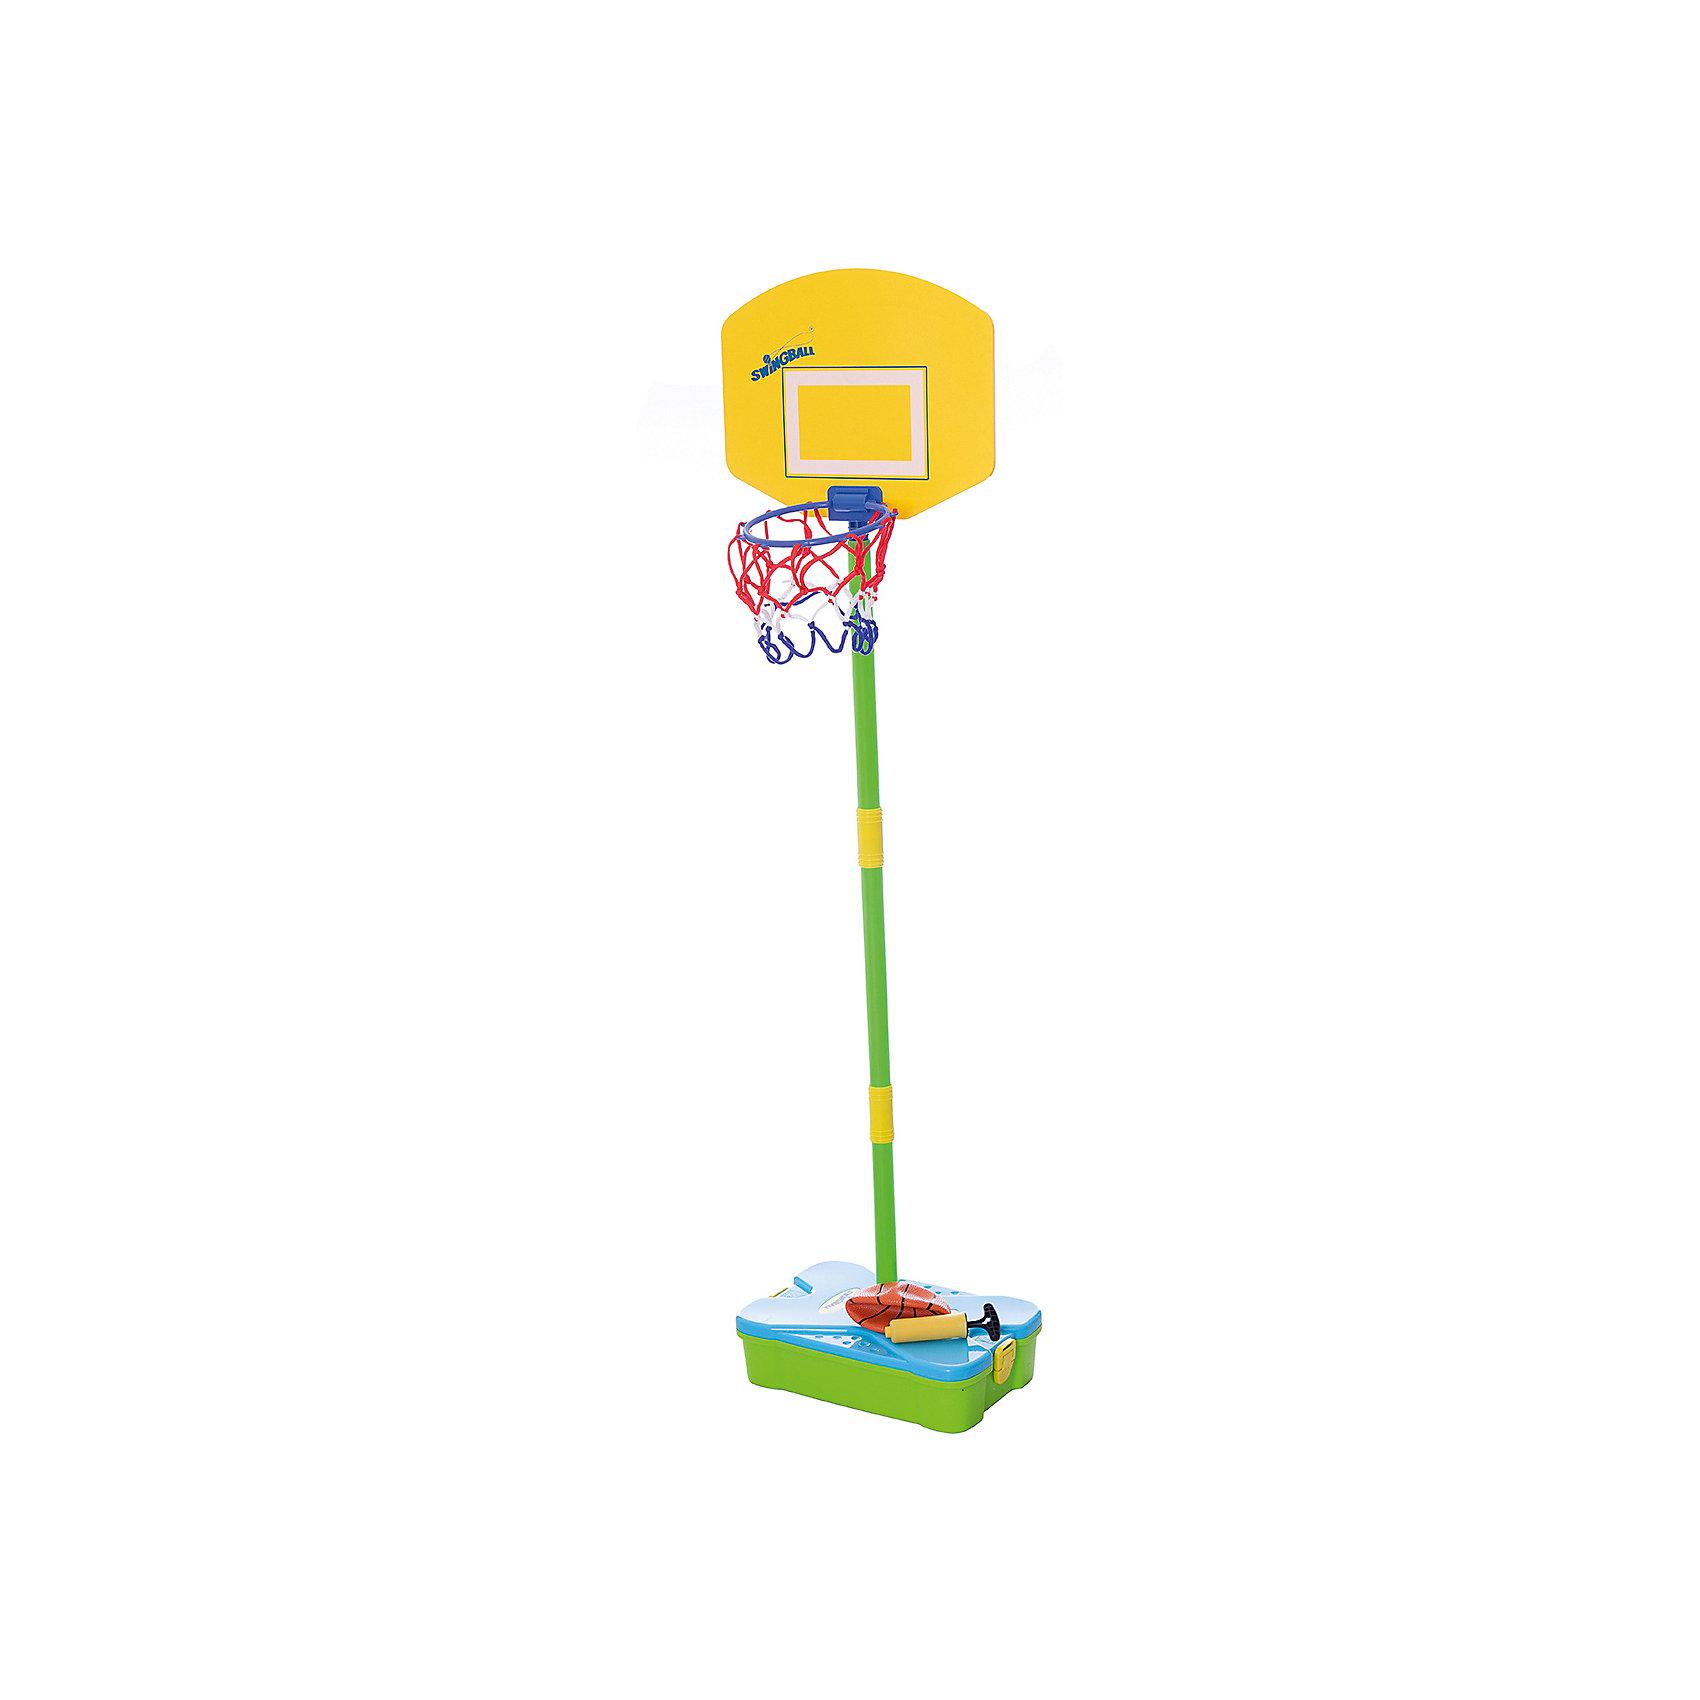 Баскетбольный набор (база, стойка, кольцо, сетка), MookieНабор First Basketball Set создан специально для любителей активных игр. Чтобы начать играть в баскетбол, достаточно собрать стойку и установить корзину и щит. Все элементы набора удобно складываются в чемоданчик, благодаря чему ребенок сможет играть и вне дома. Стойка регулируется по мере роста ребенка. Прекрасный вариант для активных мальчиков и девочек!<br><br>Дополнительная информация:<br>В наборе: основа, баскетбольный мяч, насос, корзина, сборная штанга<br>Материал: резина, пластик, текстиль<br>Размер: 33х12х42 см<br>Вес: 913 грамм<br>Набор First Basketball Set можно купить в нашем интернет-магазине.<br><br>Ширина мм: 420<br>Глубина мм: 120<br>Высота мм: 330<br>Вес г: 913<br>Возраст от месяцев: 60<br>Возраст до месяцев: 120<br>Пол: Унисекс<br>Возраст: Детский<br>SKU: 4953646